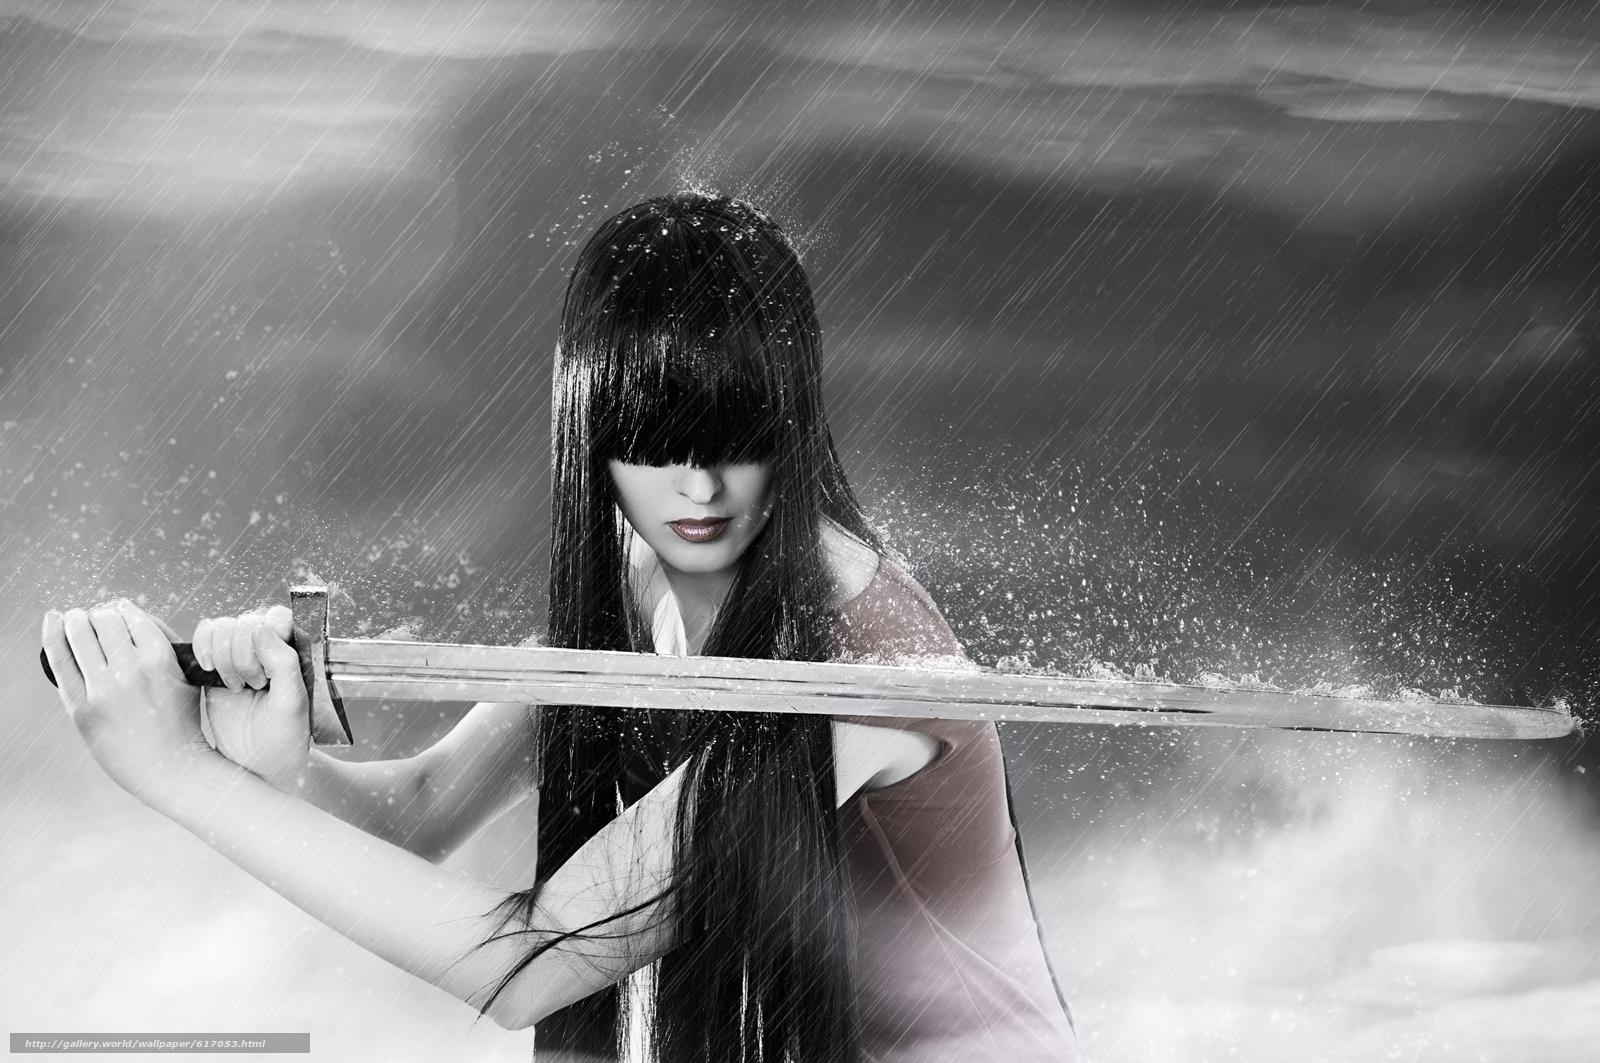 Скачать на телефон обои фото картинку на тему меч, дождь, девушка, брюнетка, разширение 8576x5696